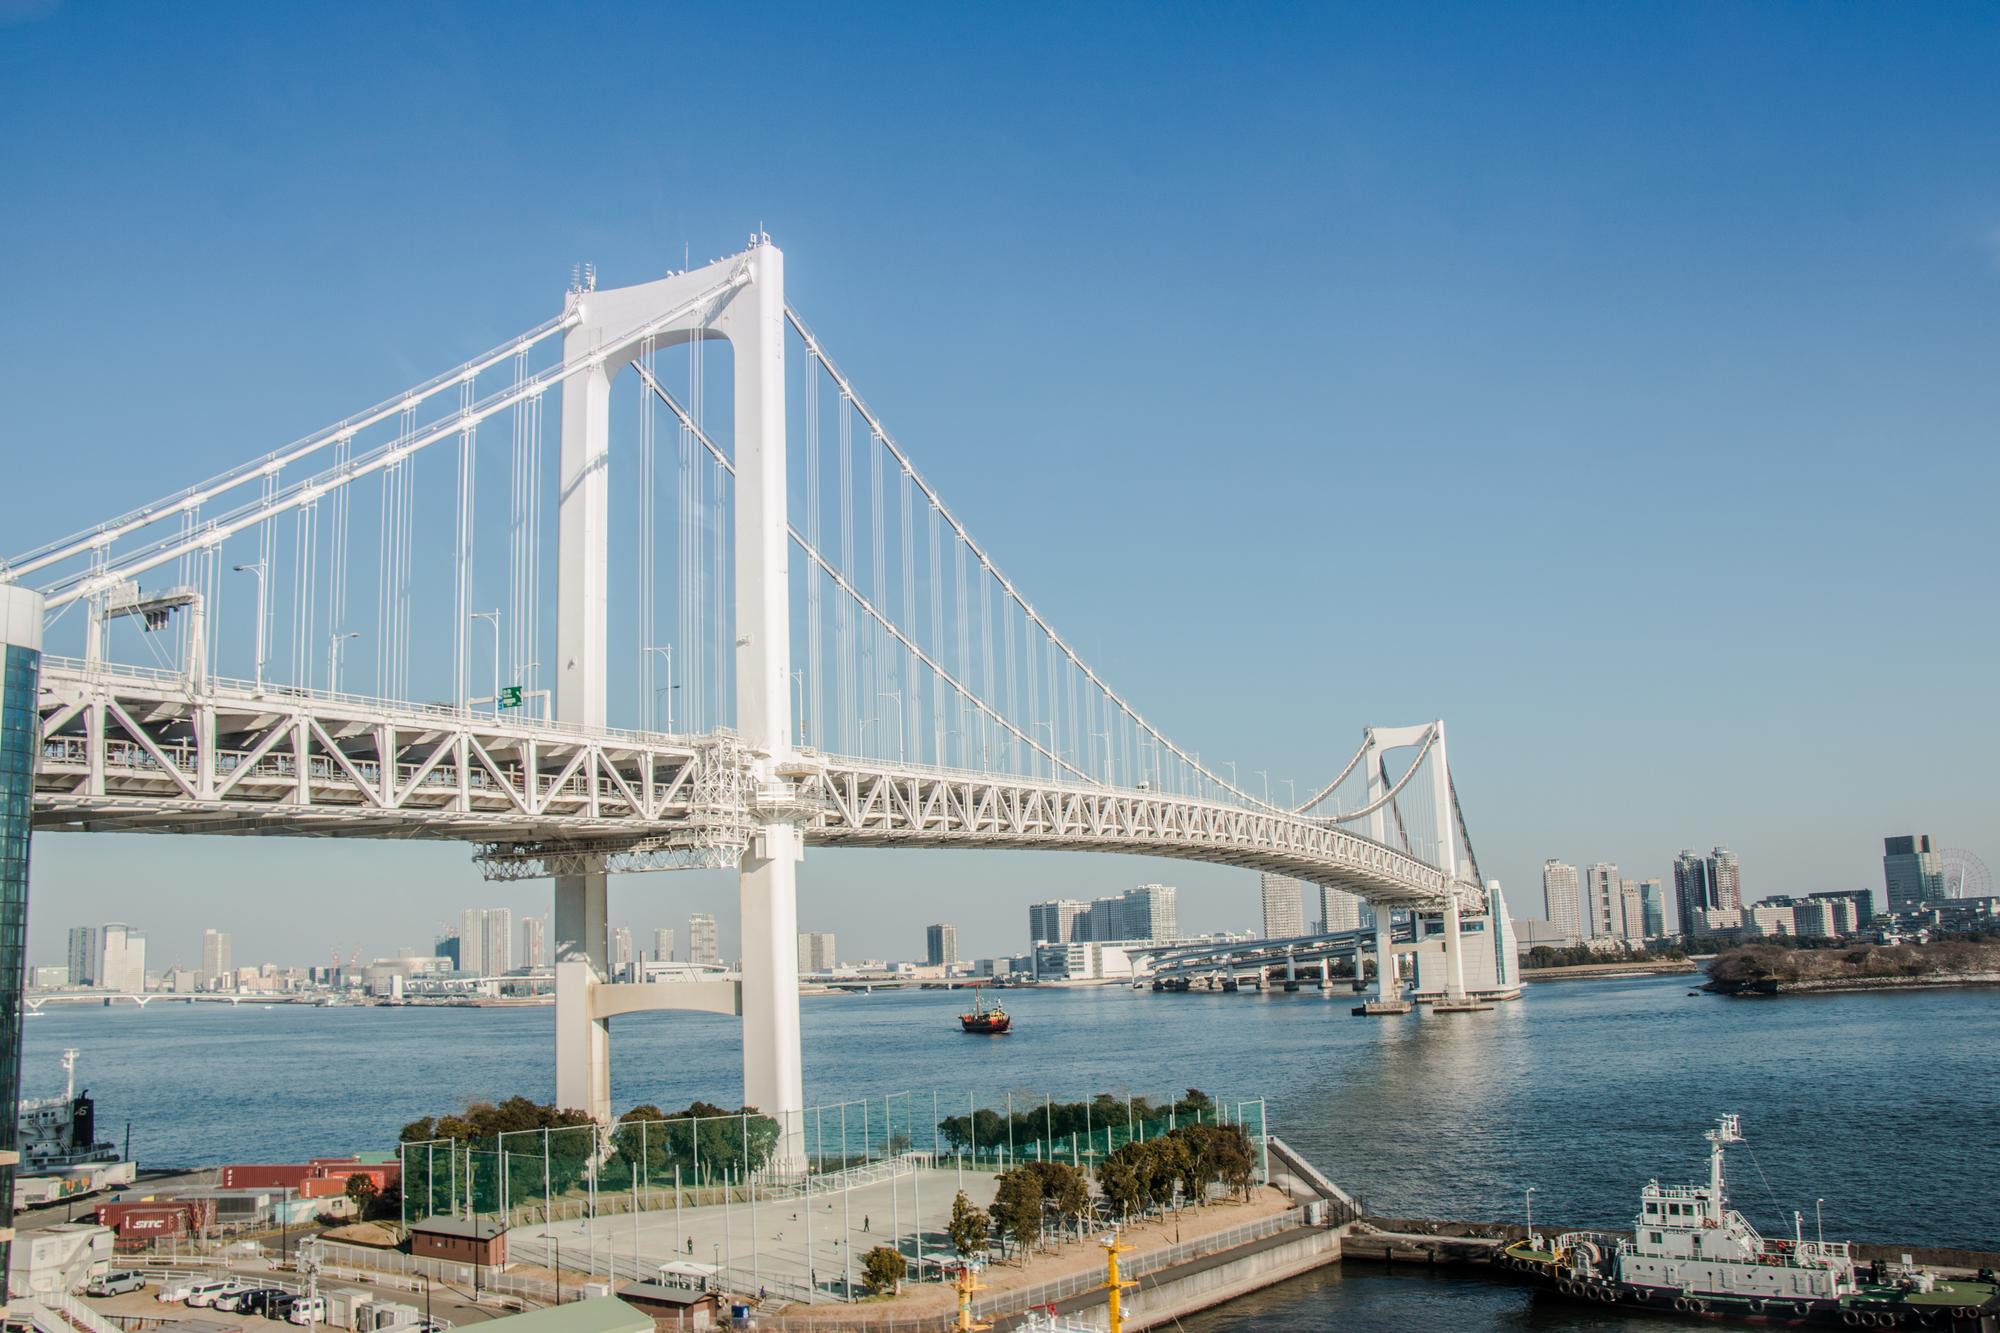 東京湾のレインボーブリッジ